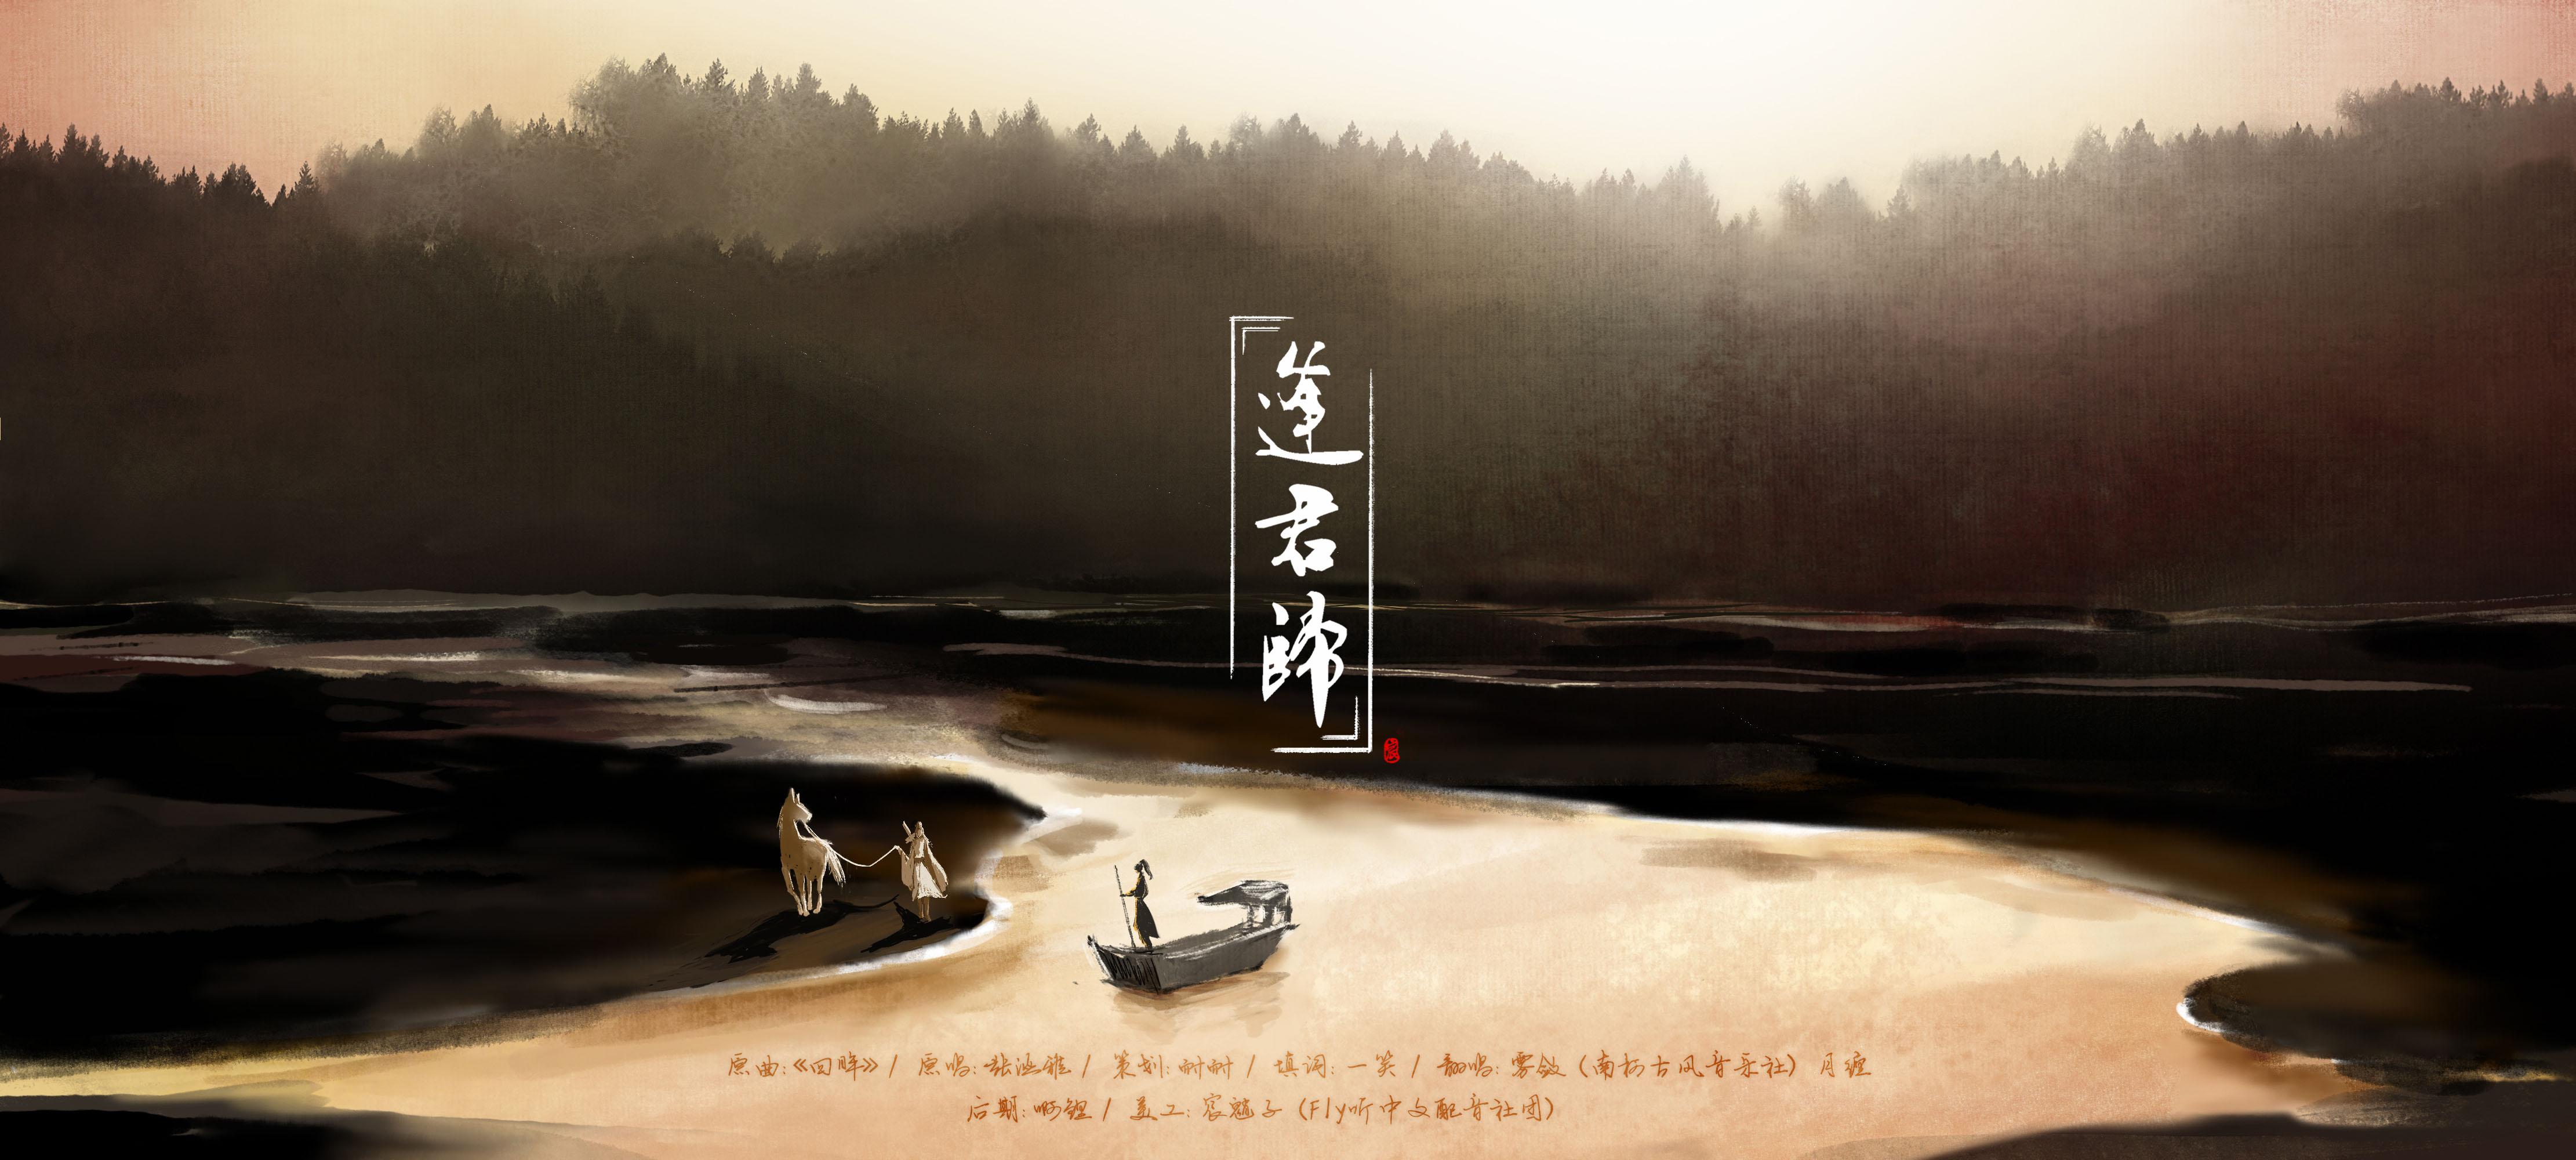 手绘山水文案背景